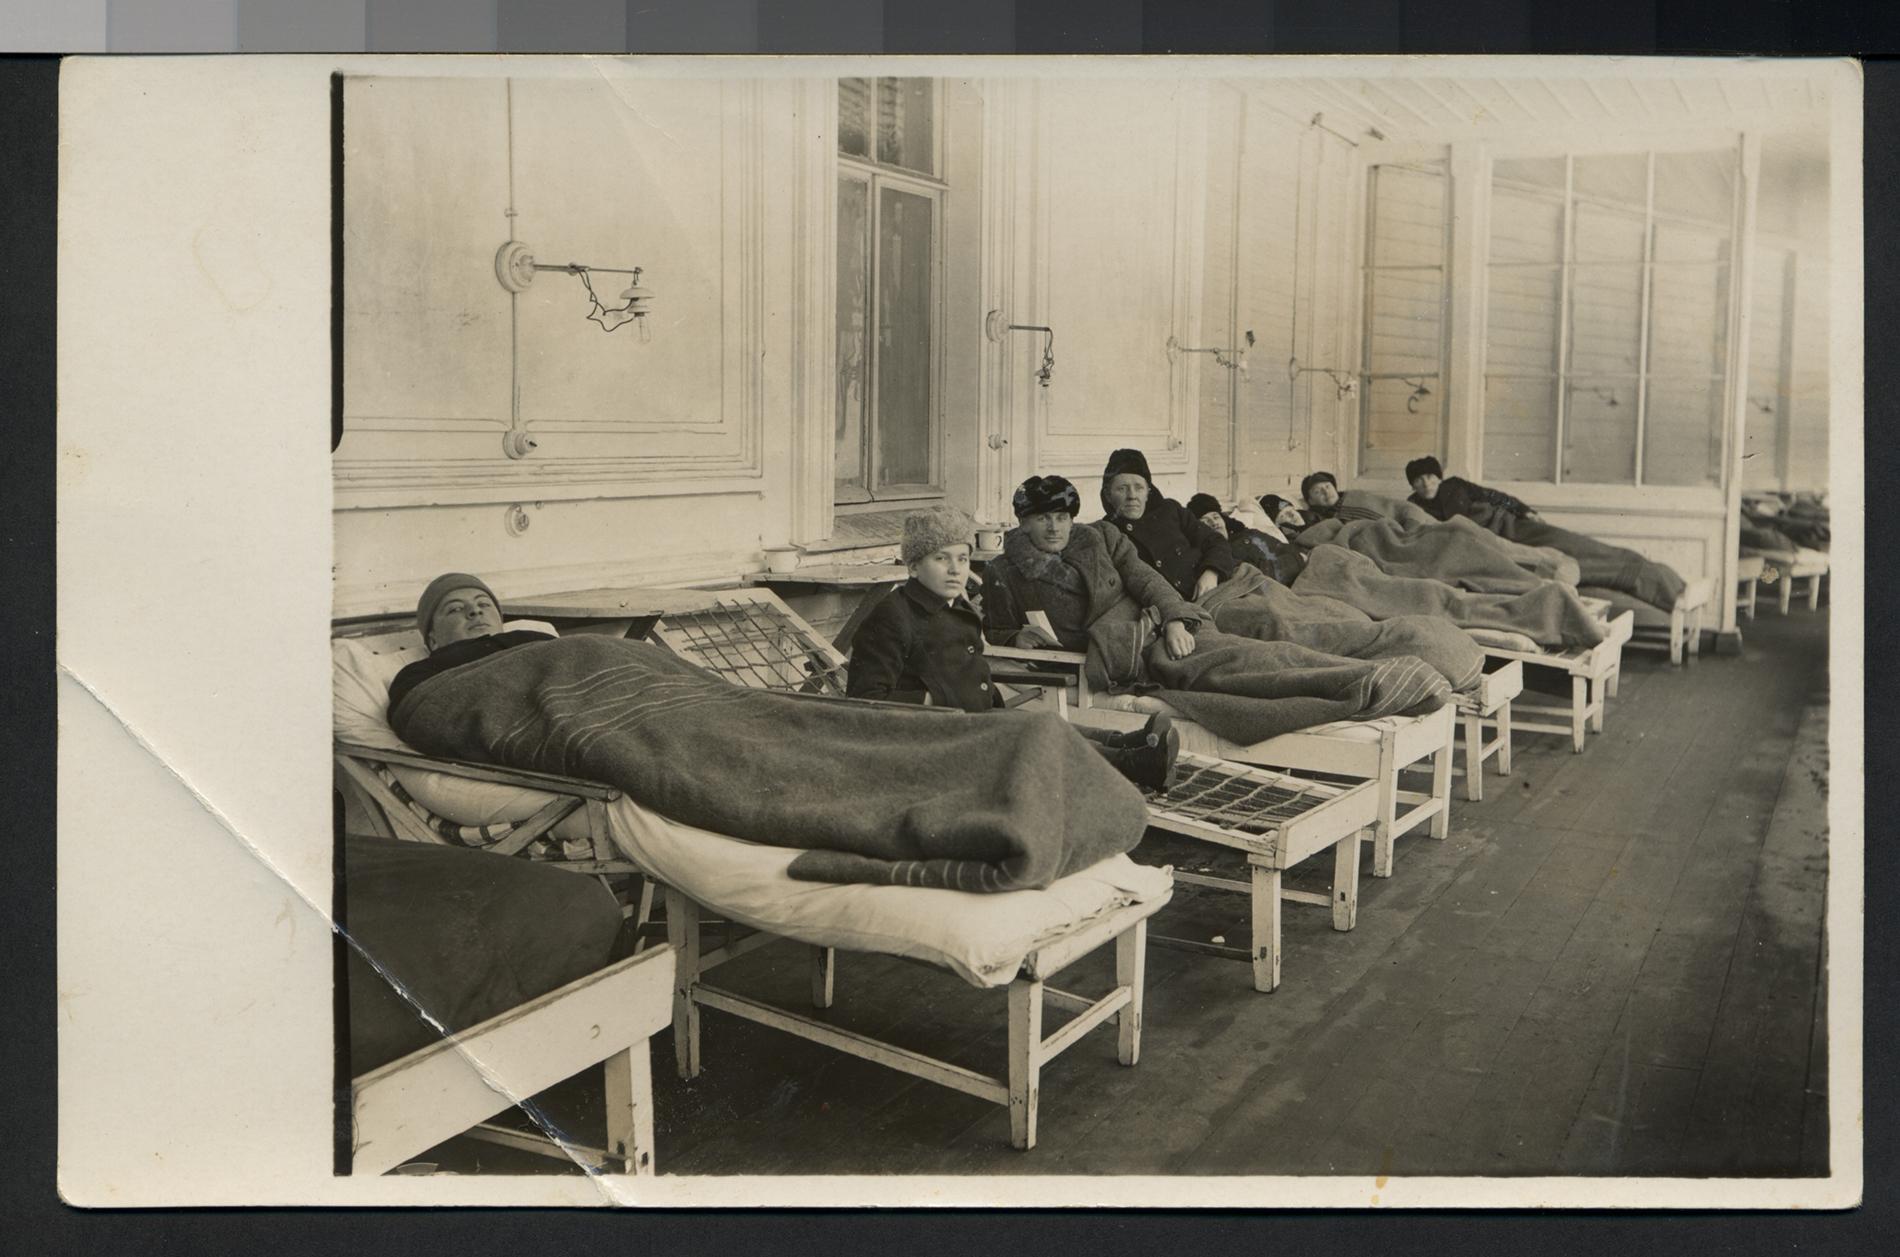 Loimaan parantolan potilaita hallimakuulla eli lepäämässä parvekkeella. Parantolaperinteen keruukilpailu 1971. SKS KRA. Kuvajaa tuntematon.